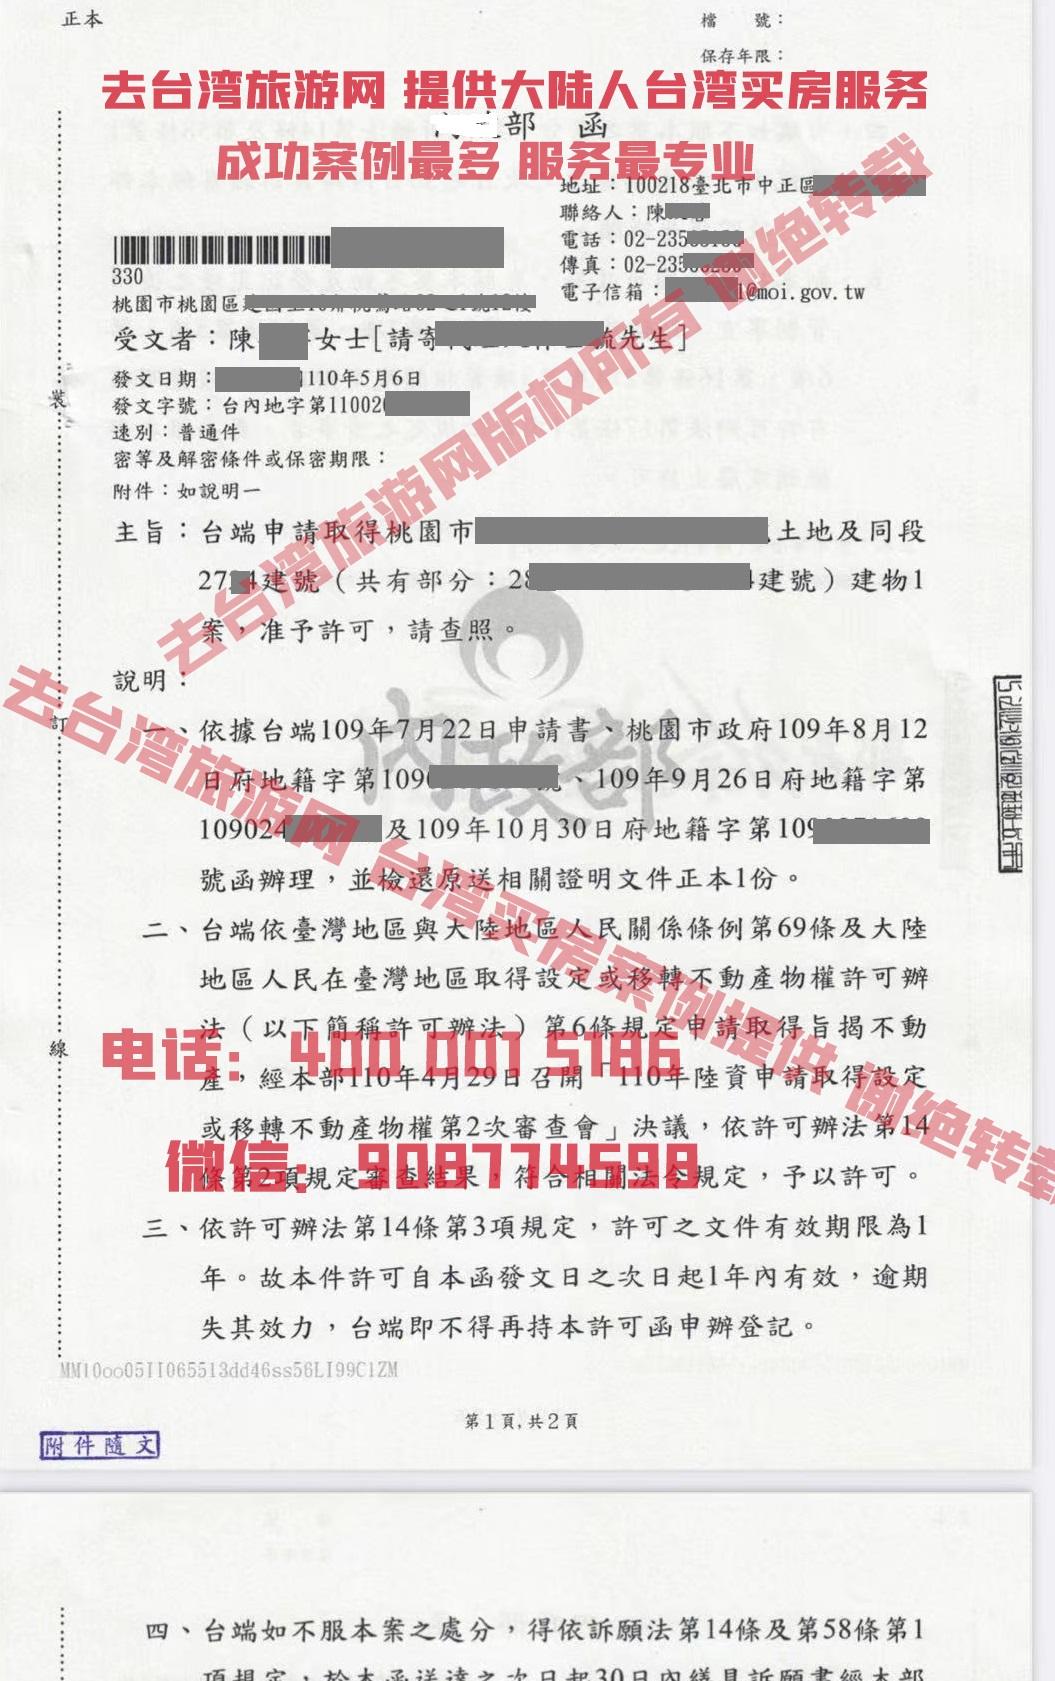 台湾内政部核准陈女士台湾买房的核准函